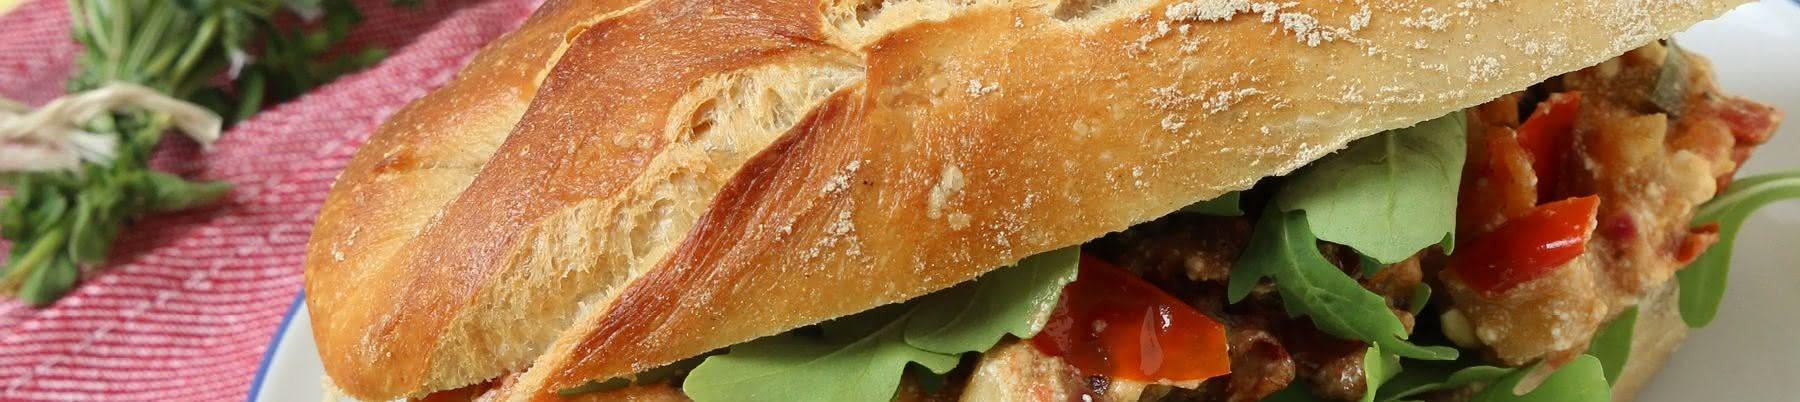 Sonniges Tomaten-Sandwich